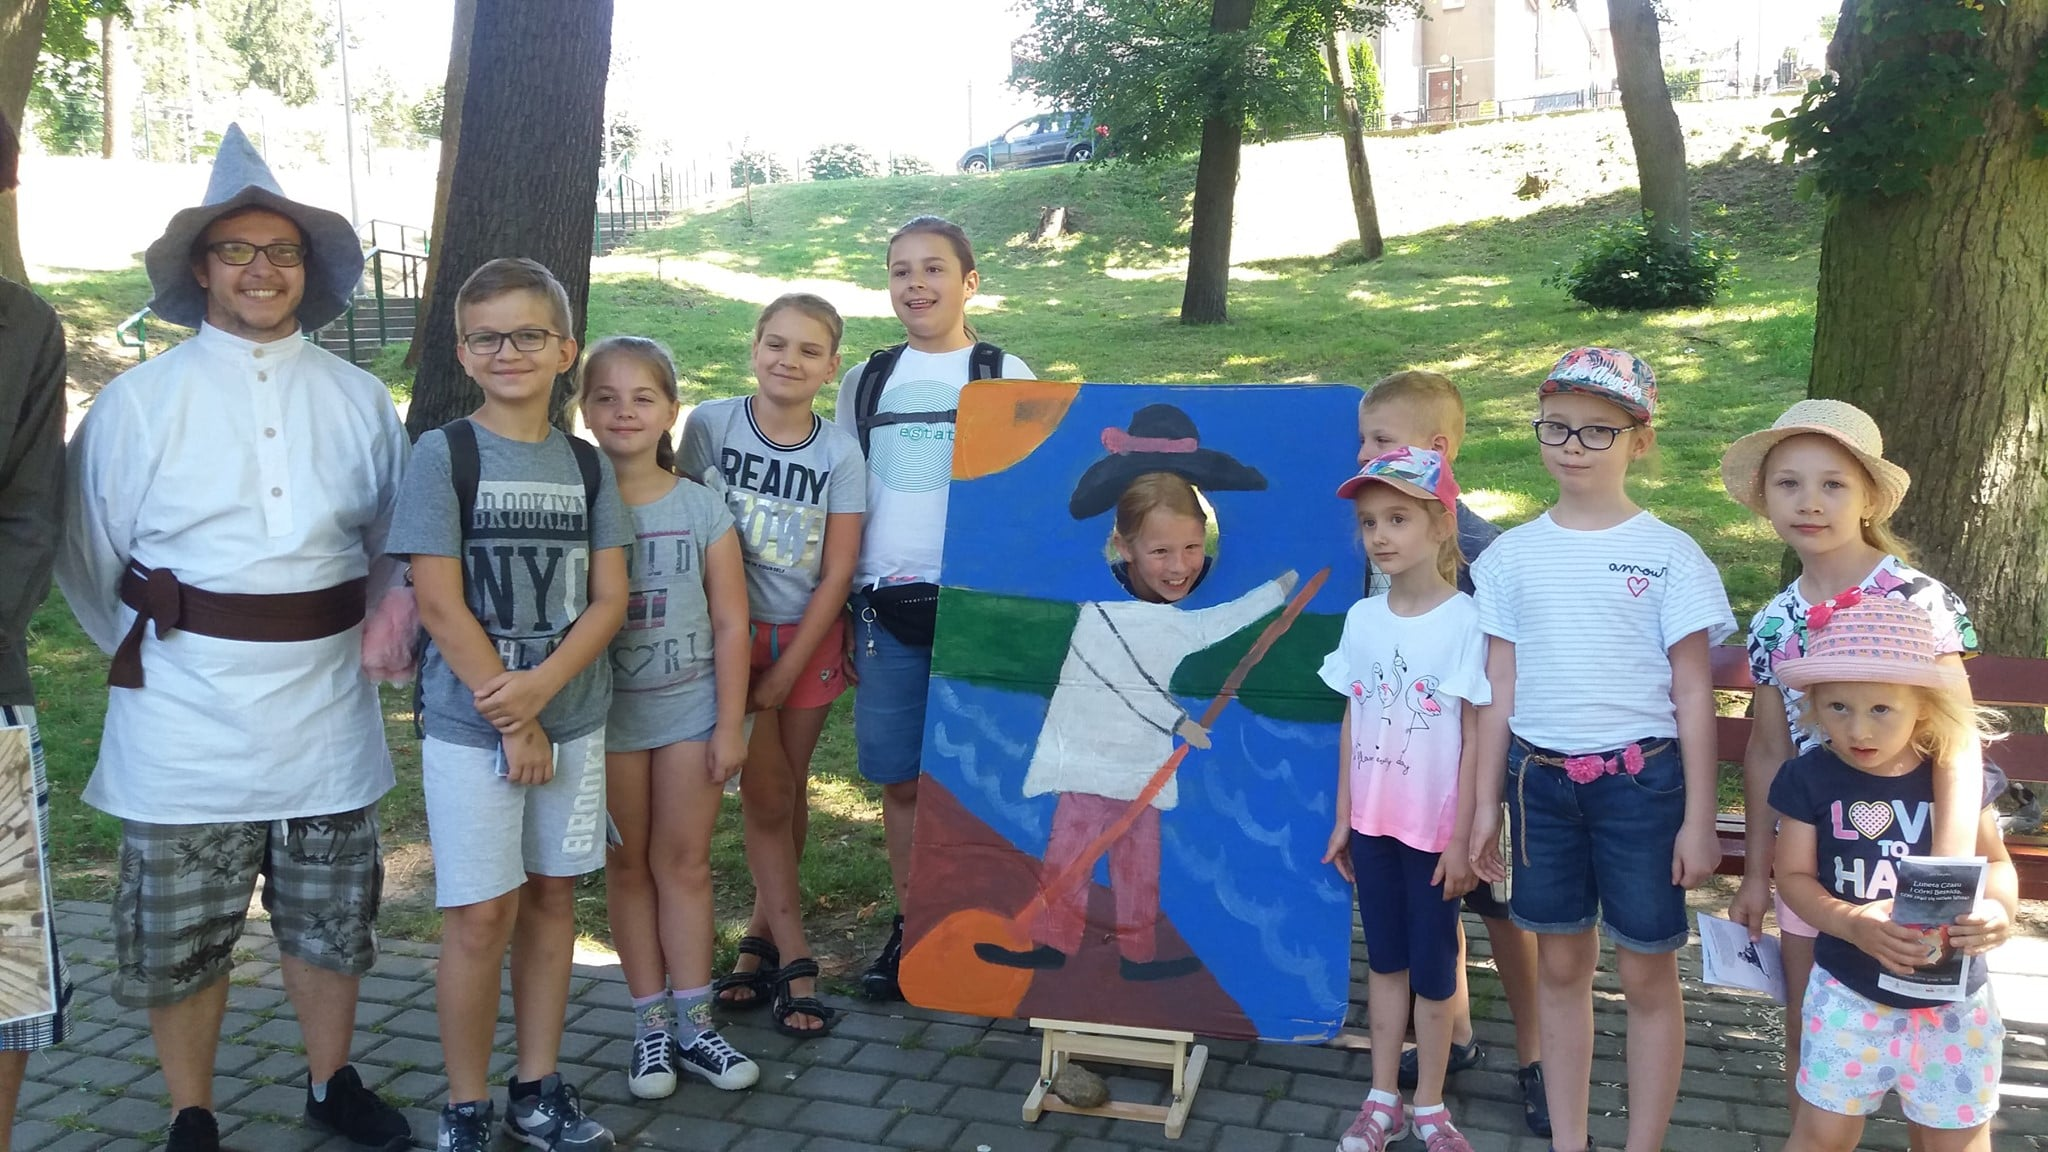 """Wnętrze parku. Grupa dzieci biorąca udział w grze miejskiej pt. """"Luneta Czasu i córki Beskida, czyli skąd się wzięła Wisła?''."""